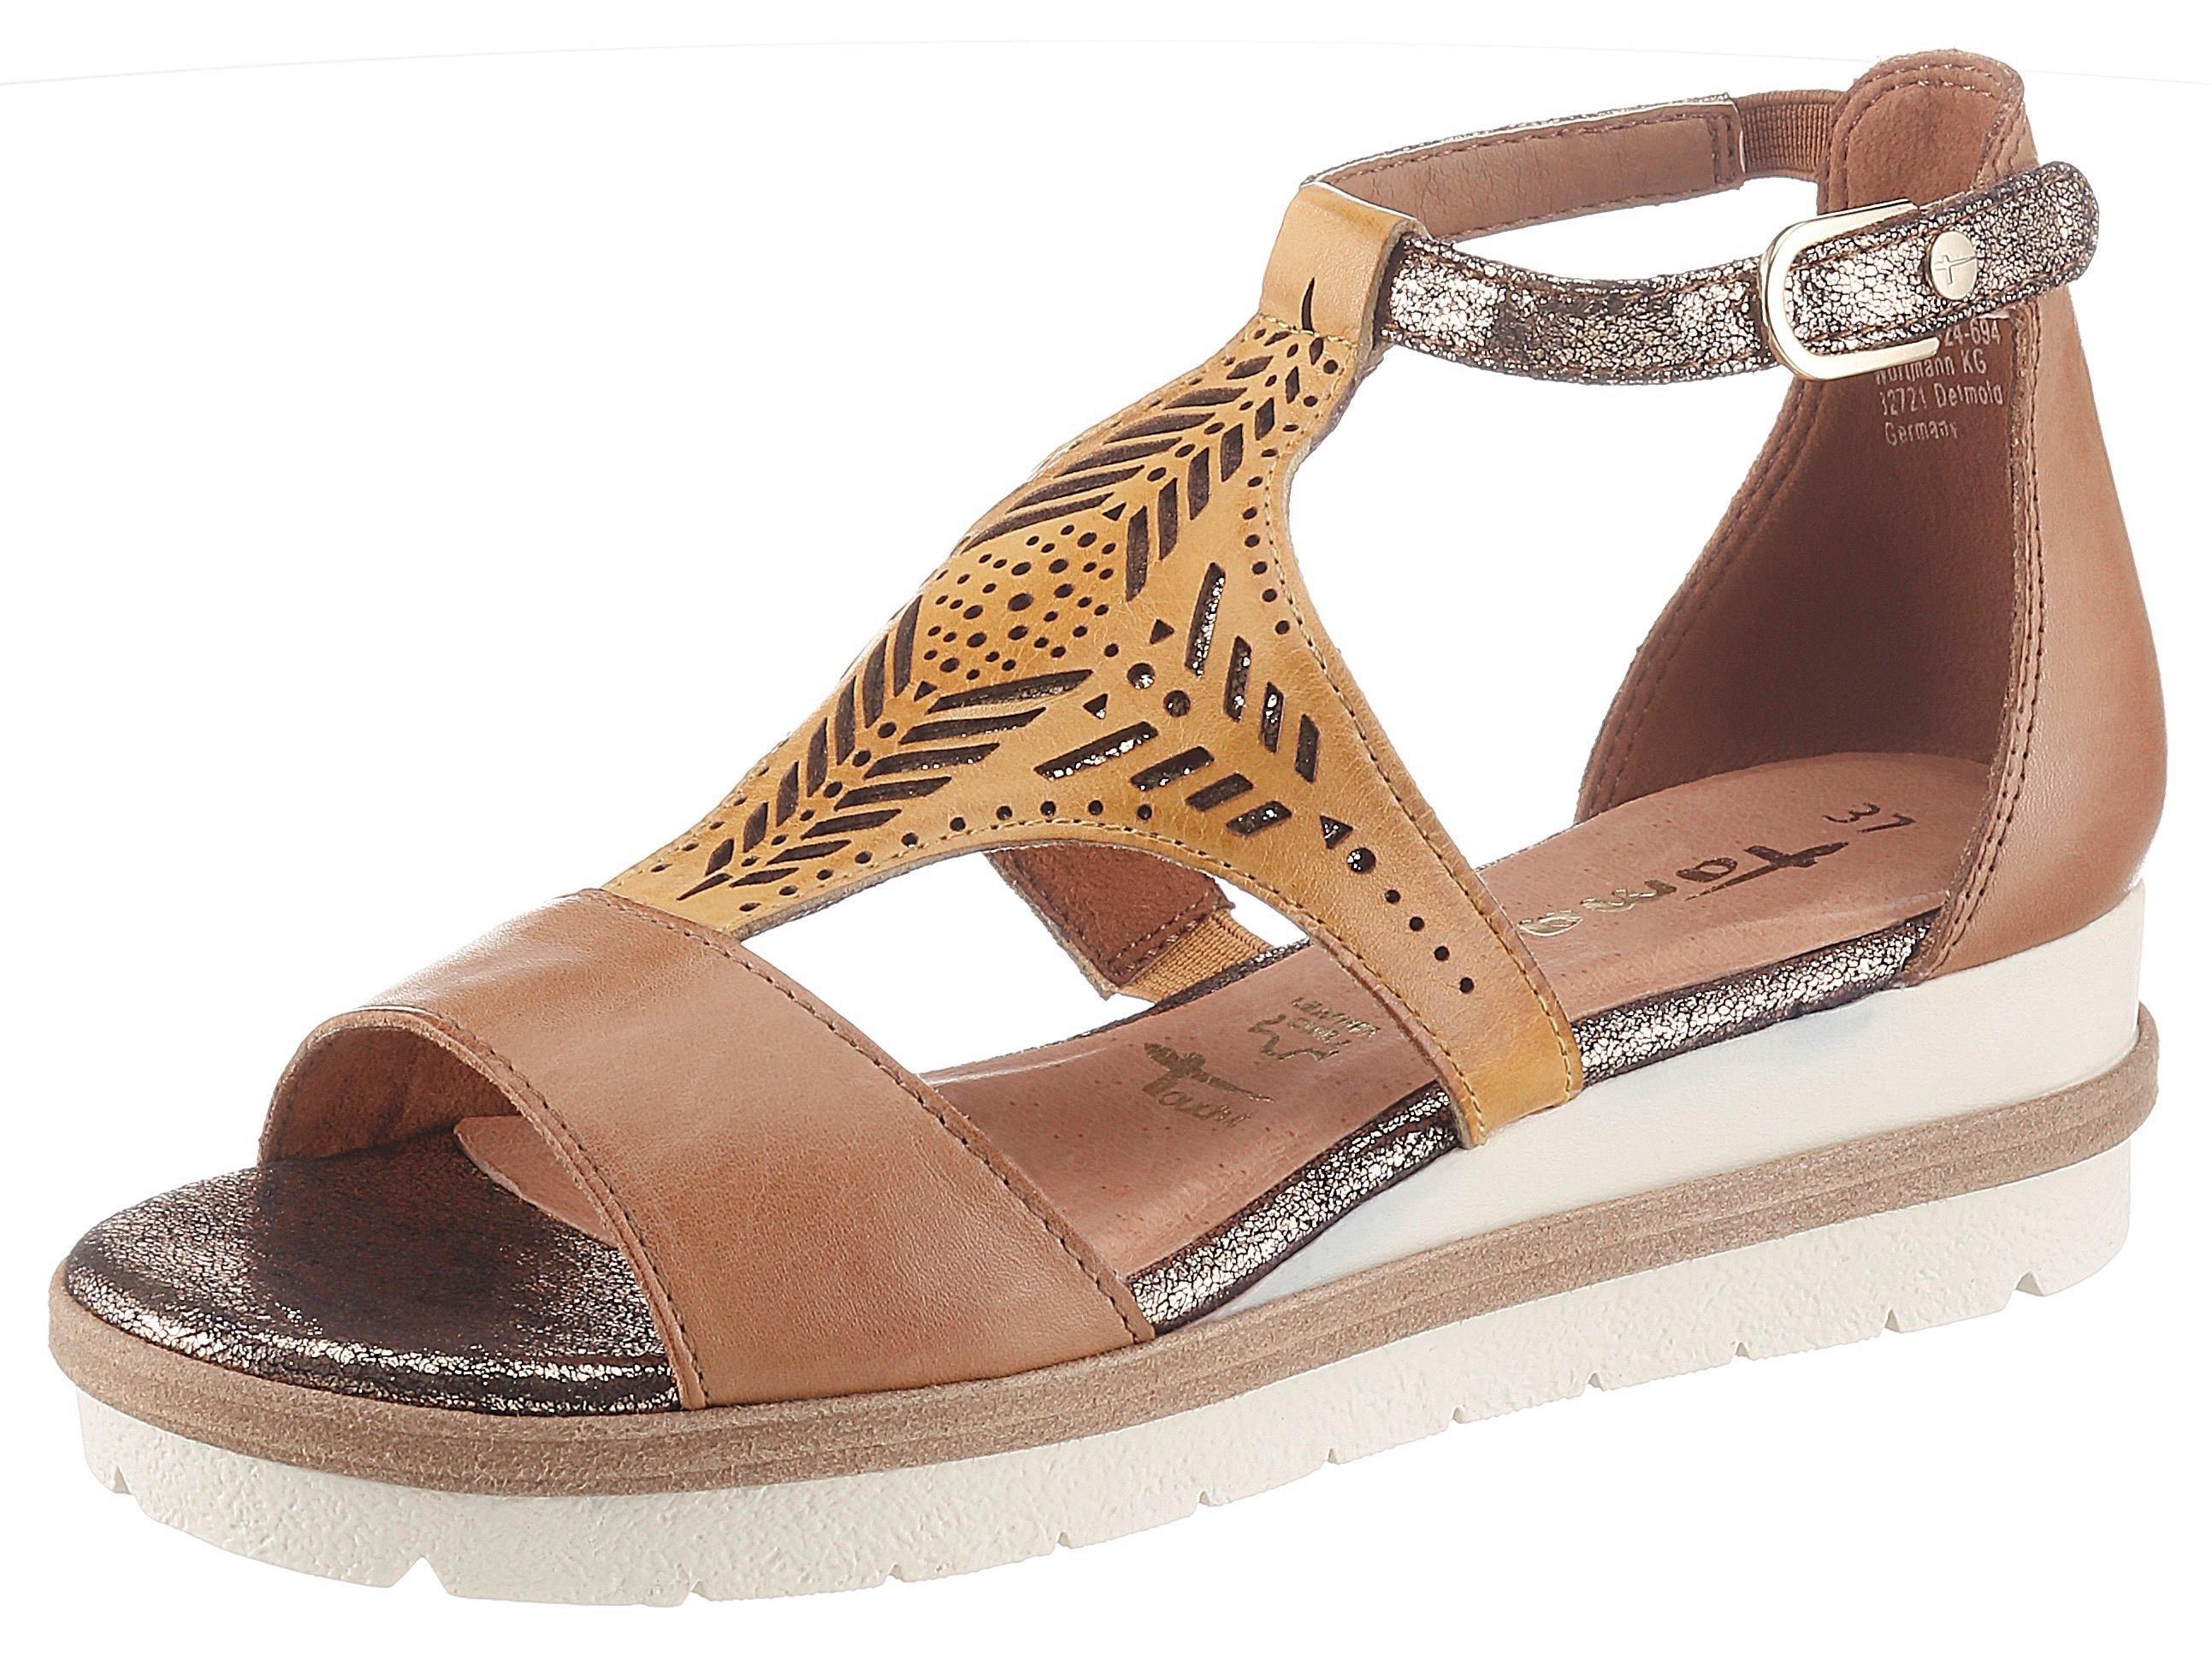 Tamaris sandalen »Eda« bestellen: 30 dagen bedenktijd